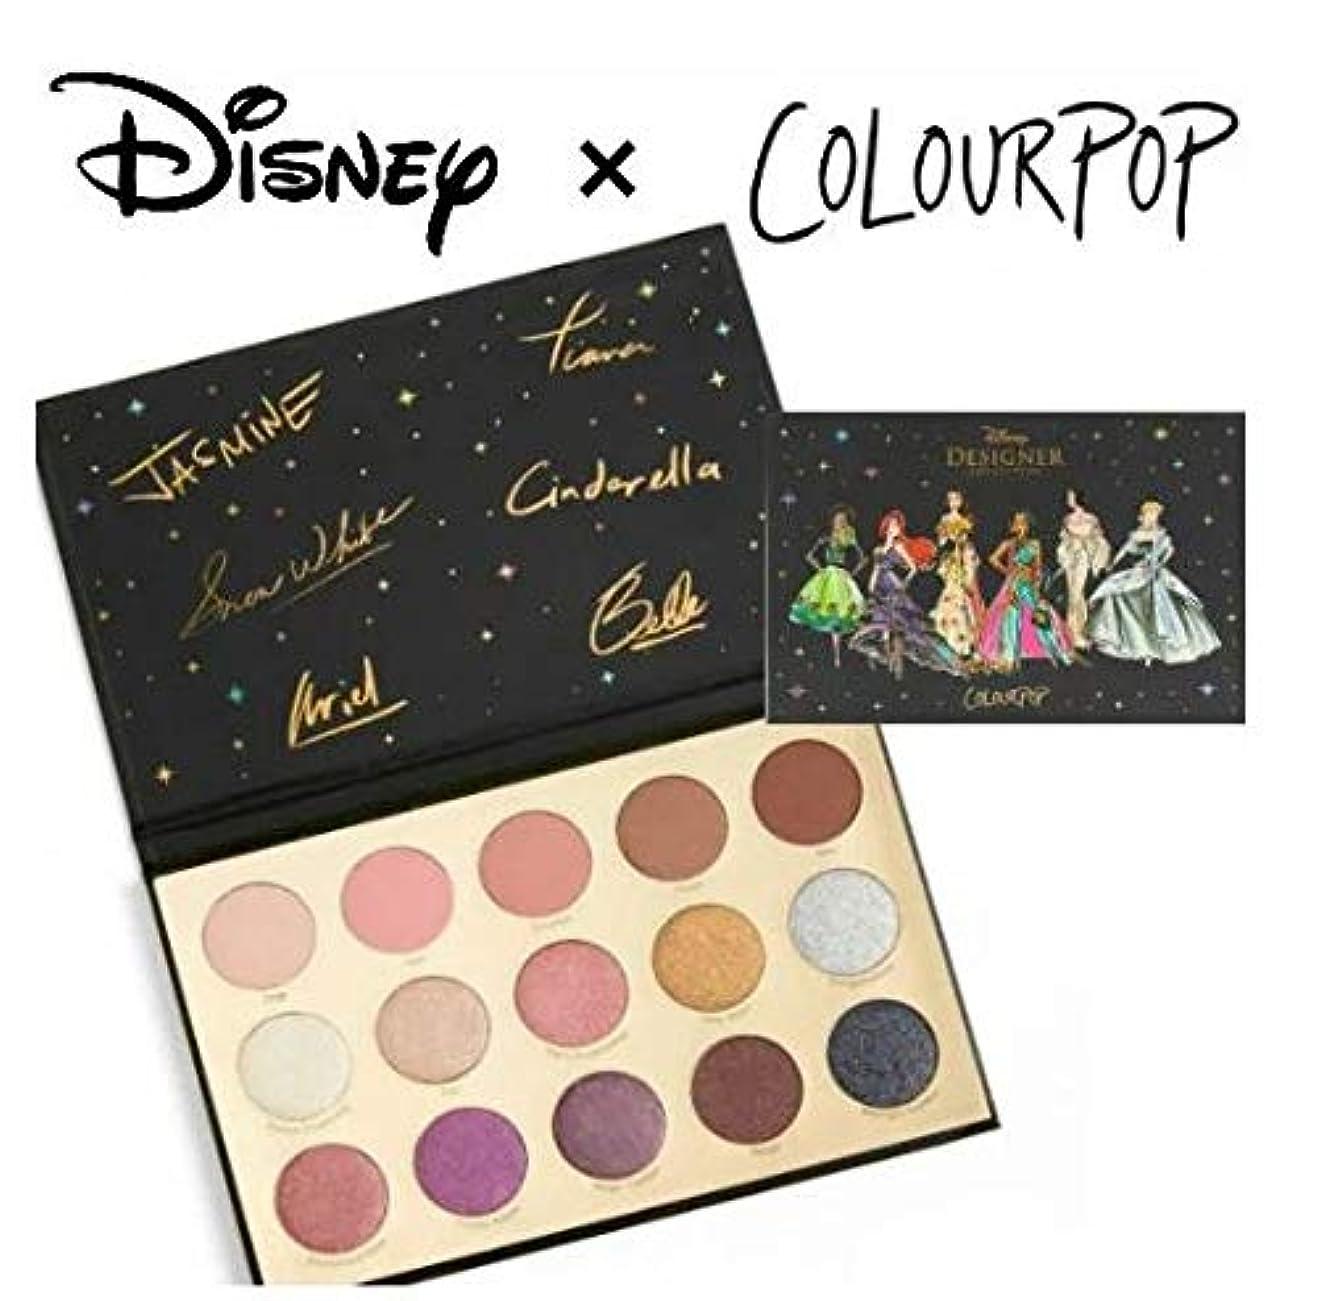 その間を通してマーチャンダイザーディズニーデザイナーコレクション カラーポップ COLOURPOP x DISNEYプリンセス アイシャドウパレット 15色